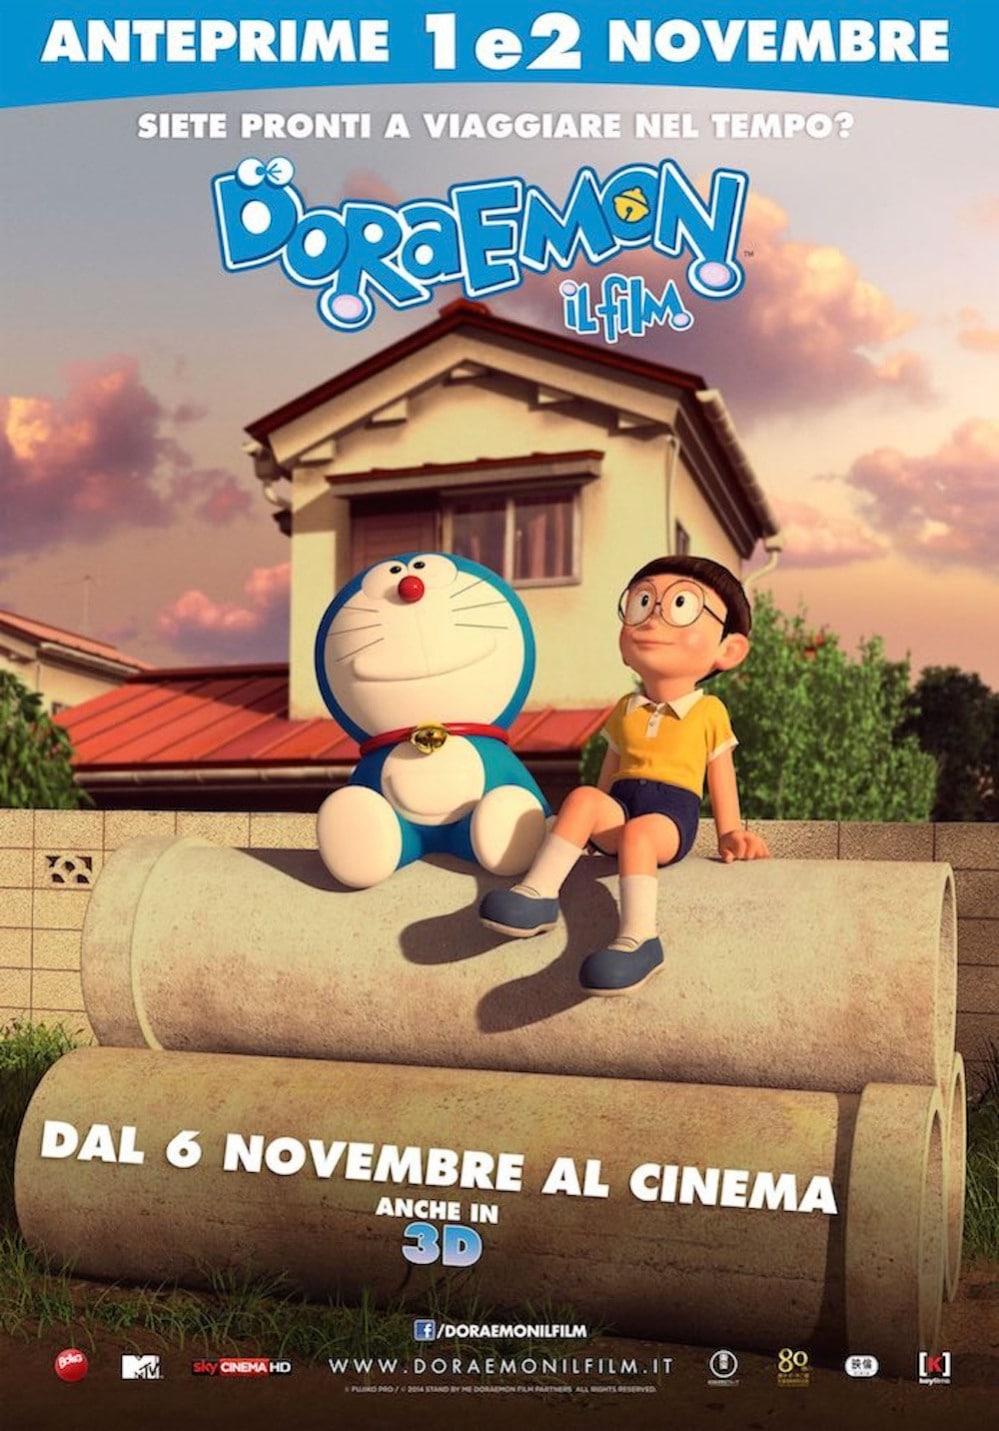 Arriva doraemon al cinema in d focus junior